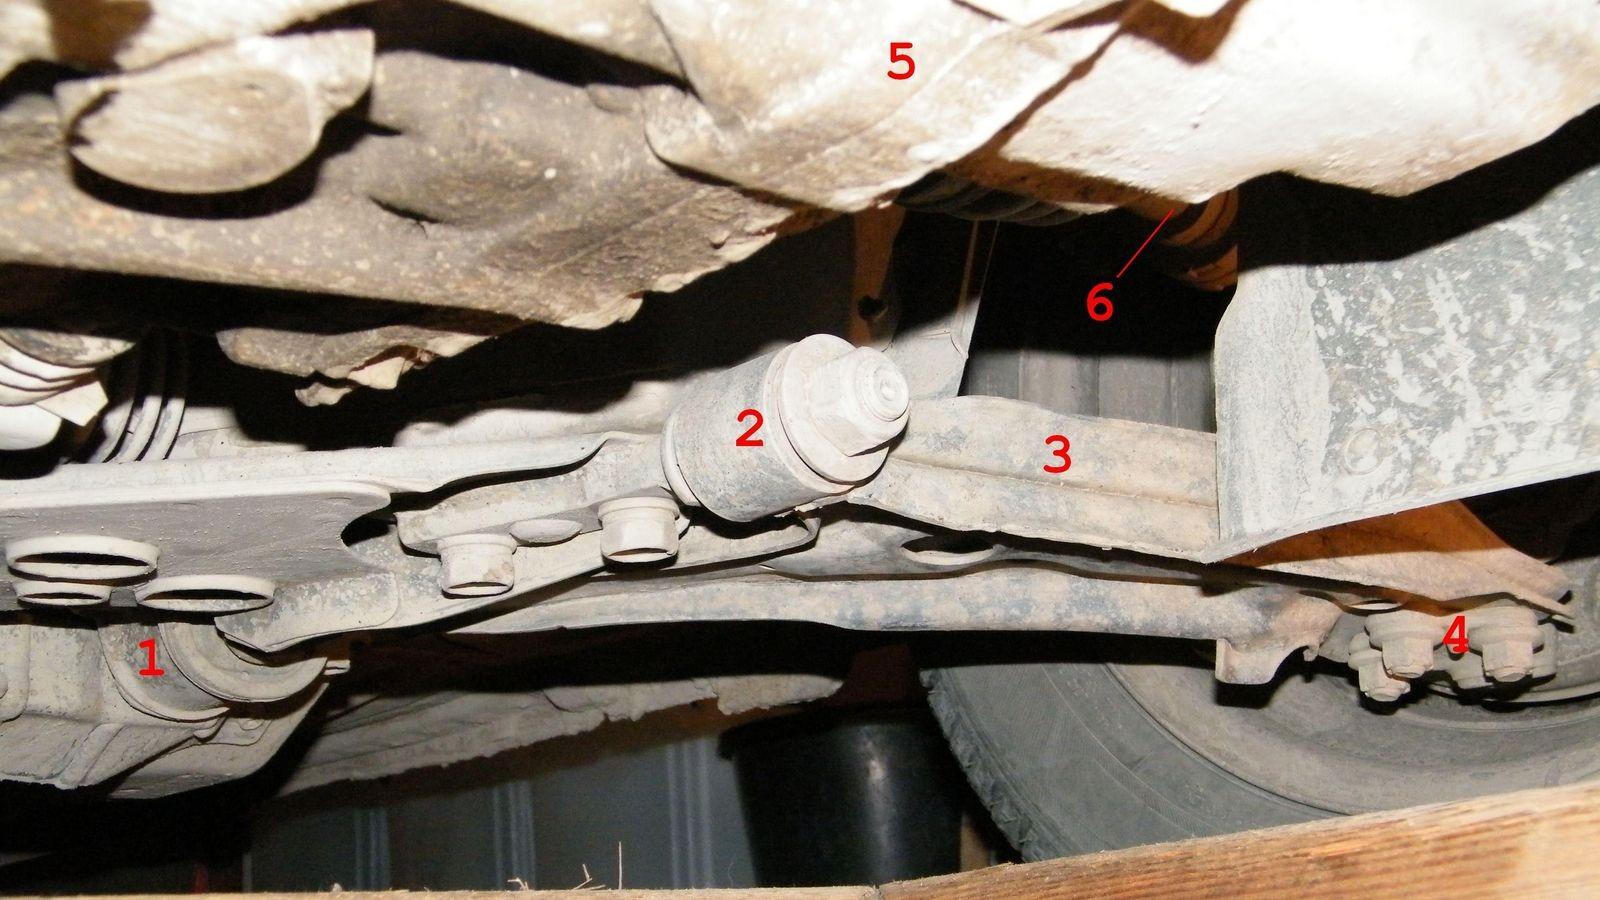 Резинометаллические шарниры на легковом автомобиле Nissan Avenir: 1 — задний резинометаллический шарнир 2 — передний резинометаллический шарнир 3 — поперечный рычаг передней подвески 4 — крепление шаровой опоры 5 — коробка передач 6 — вал привода левого переднего колеса (с ШРУСами)